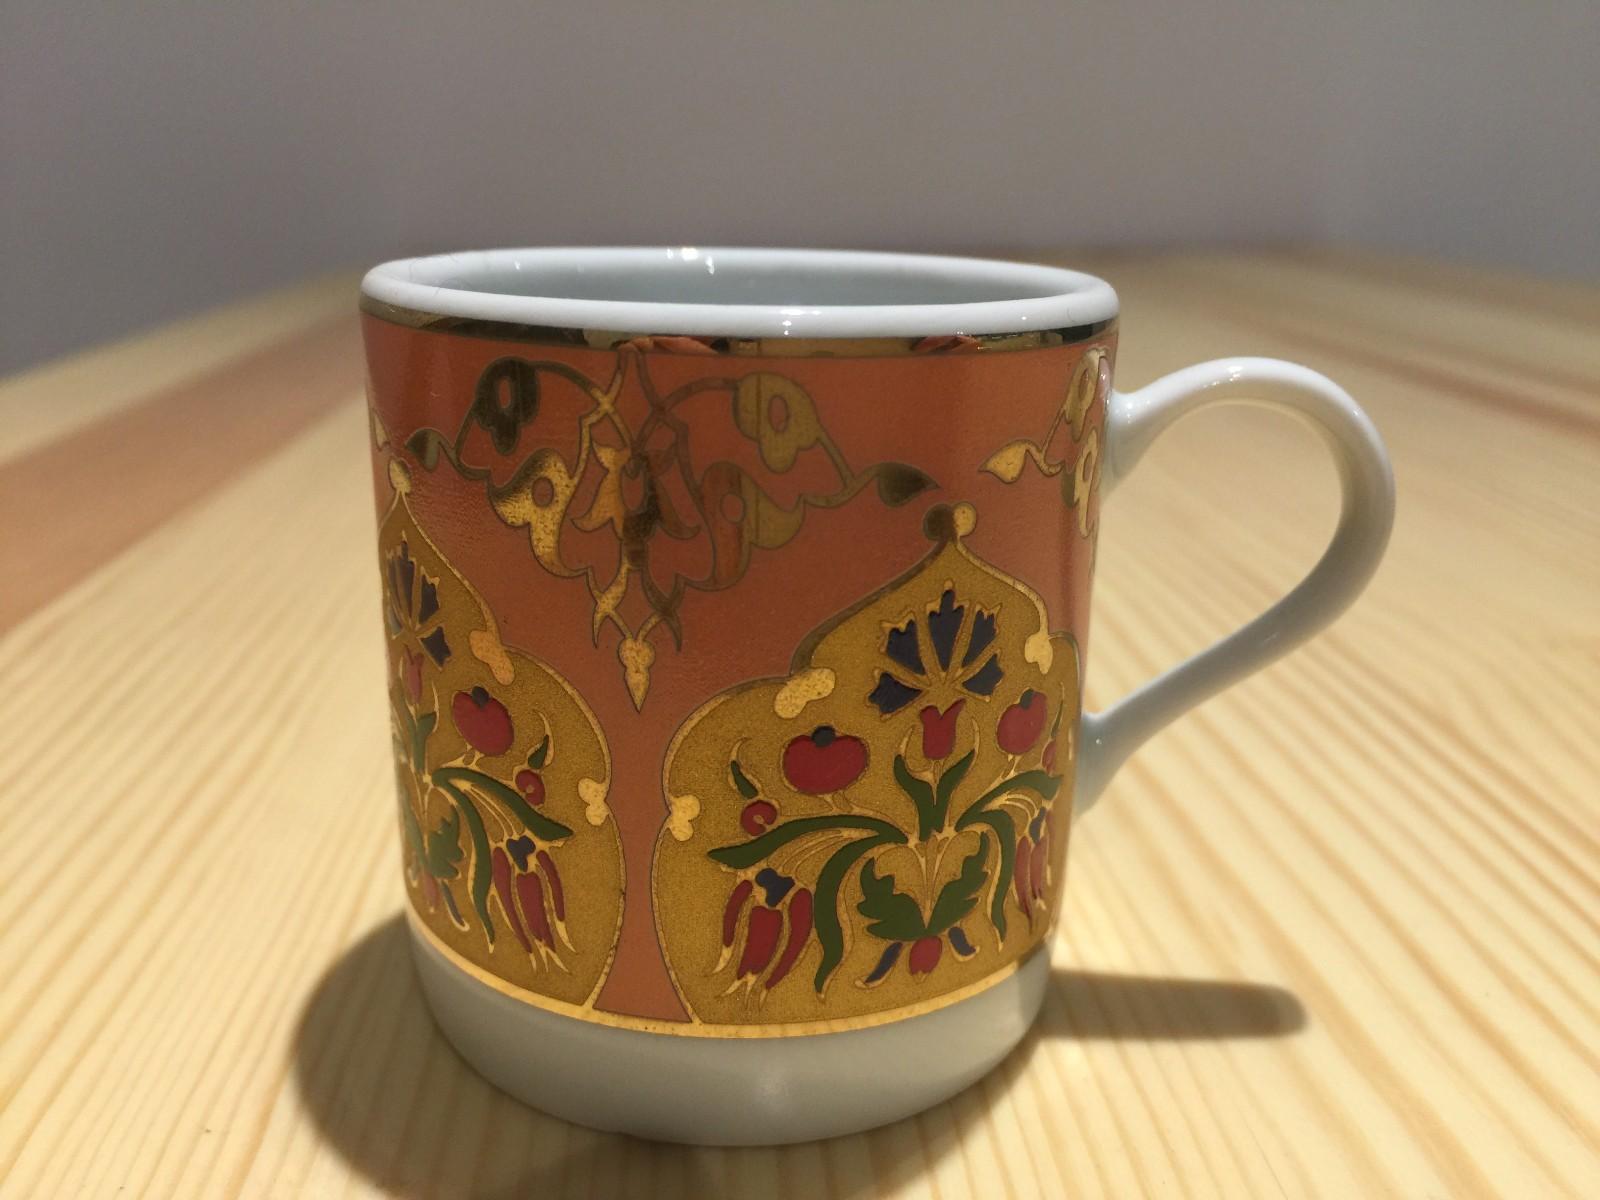 土耳其精品陶艺工艺品 家装摆件 咖啡杯图片九